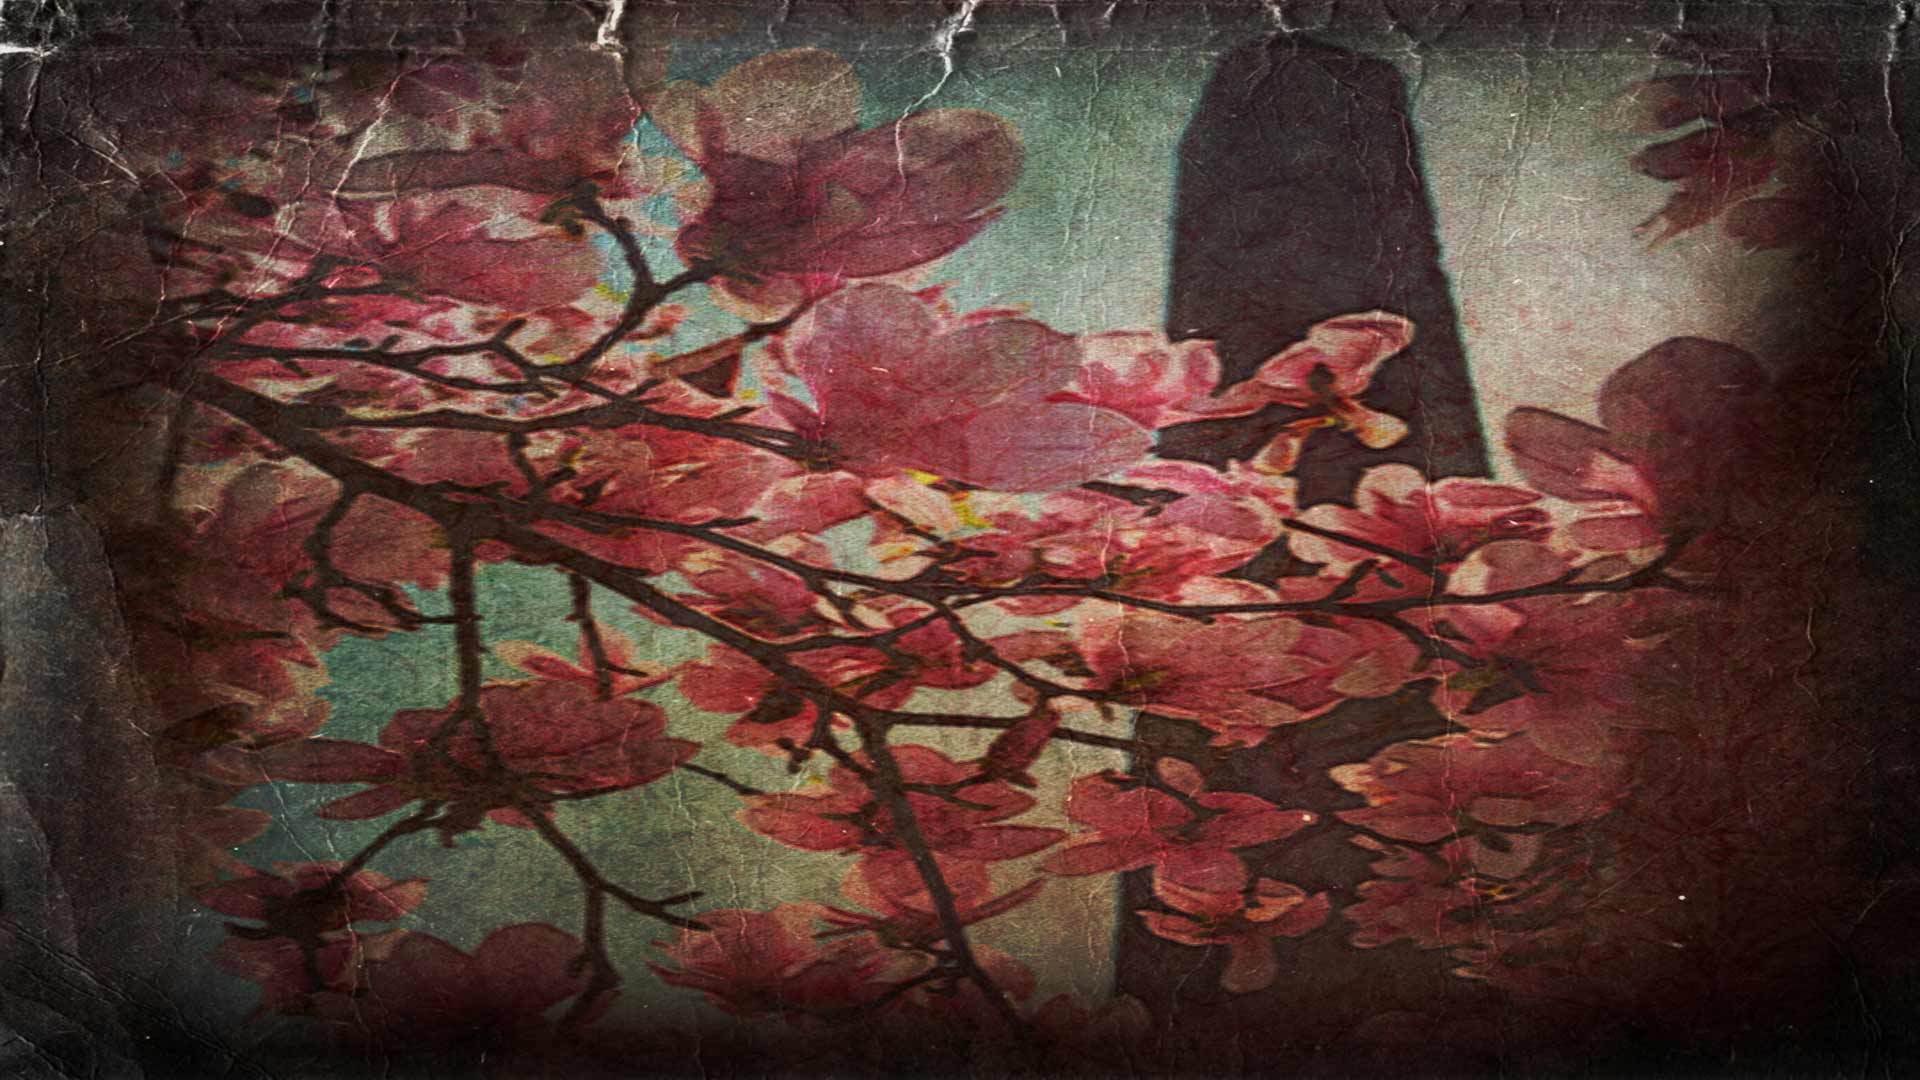 the obelisk in Central park, spring magnolia blooms